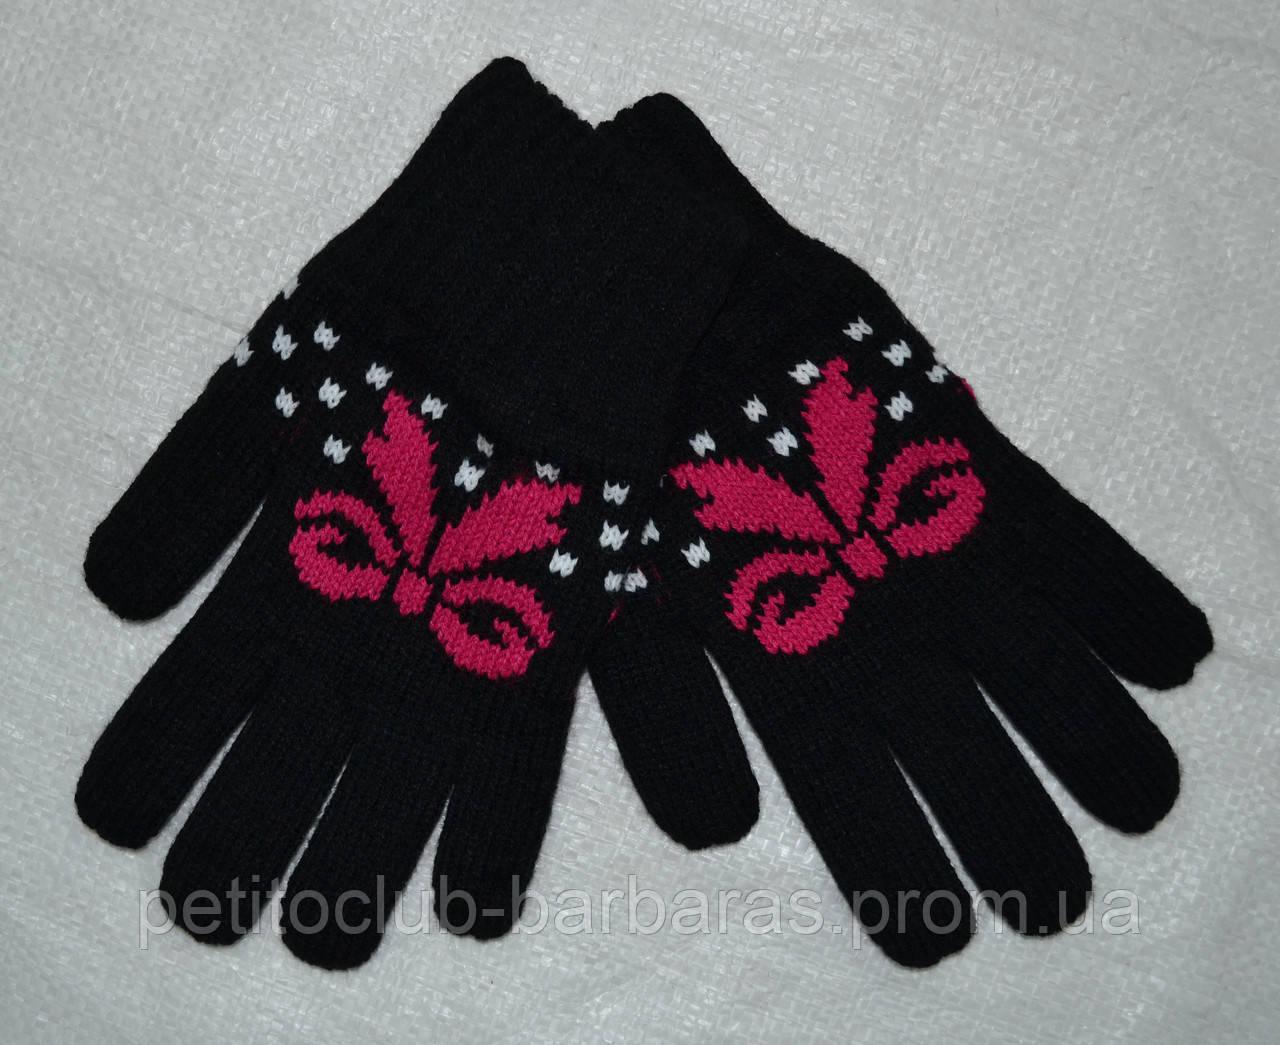 Рукавички з флісовою підкладкою для дівчинки Vanessa чорні (MargotBis, Польща)